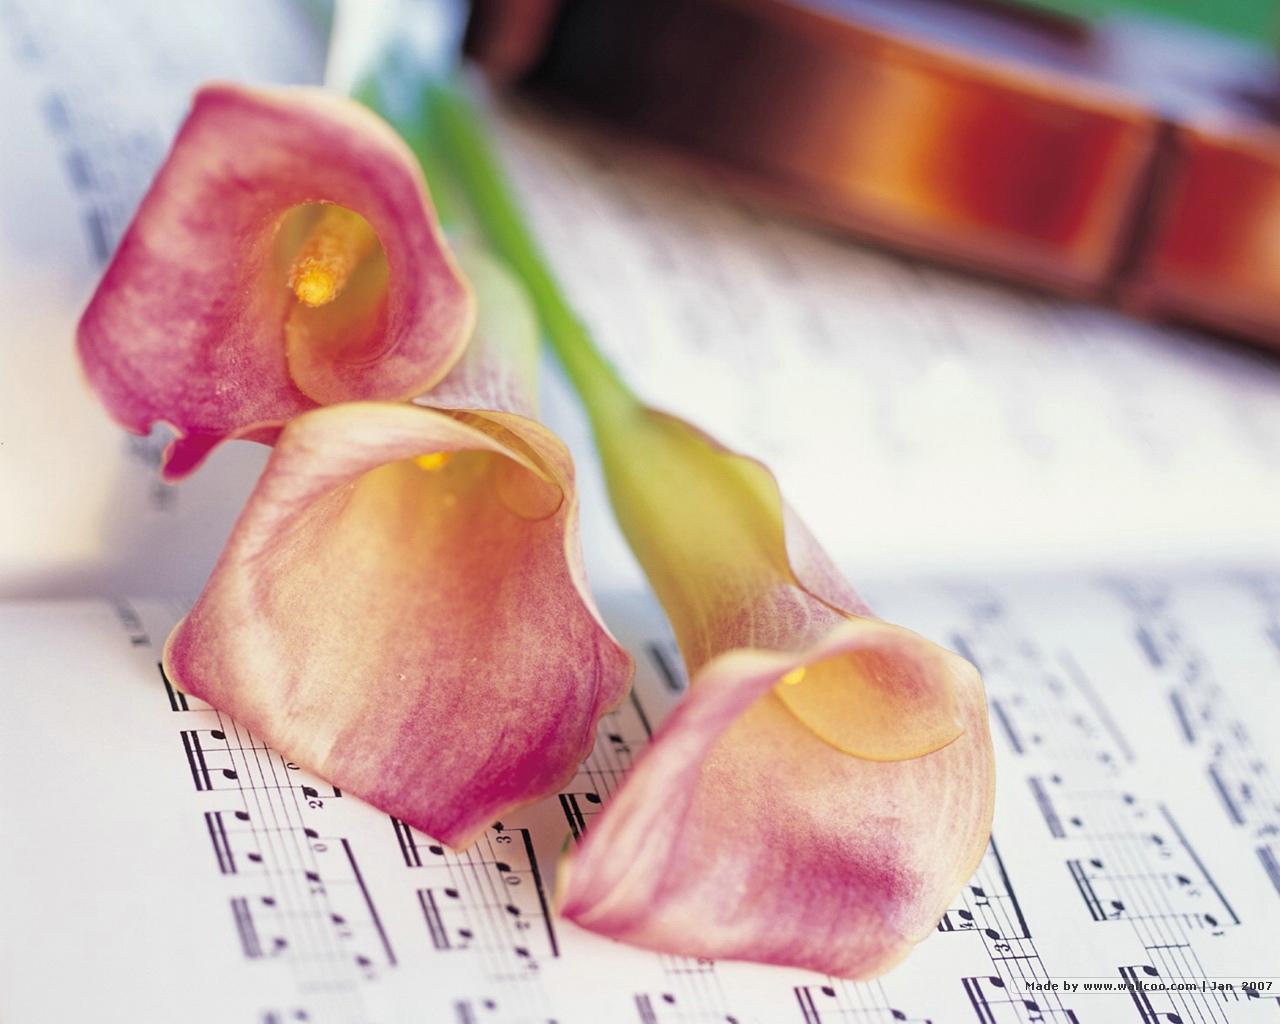 壁纸1280×1024浪漫花卉艺术图片 Desktop Wallpaper of Romantic flowers壁纸 典雅花卉艺术摄影壁纸图片花卉壁纸花卉图片素材桌面壁纸